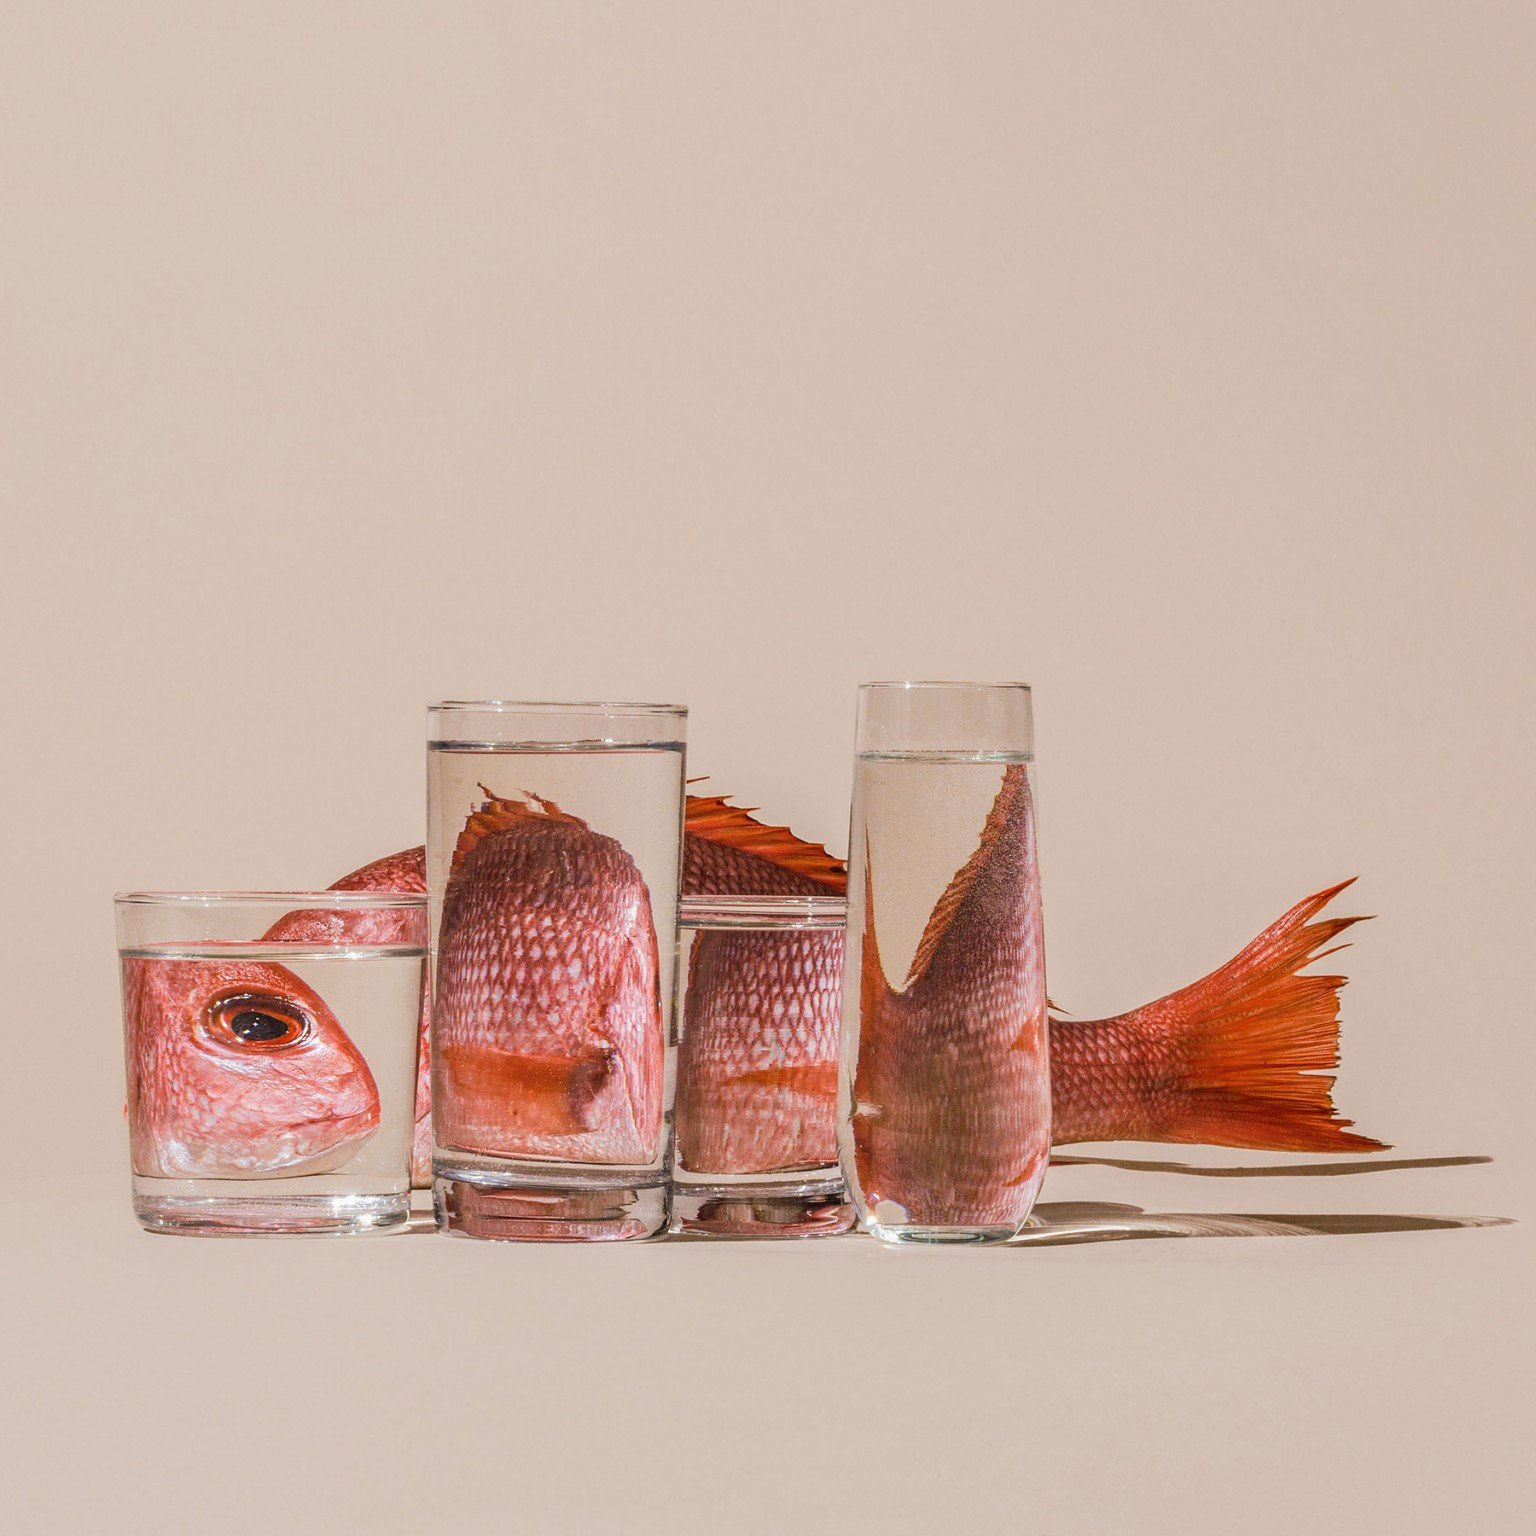 Perspective, le fotografie distorte di Suzanne Saroff | Collater.al 4